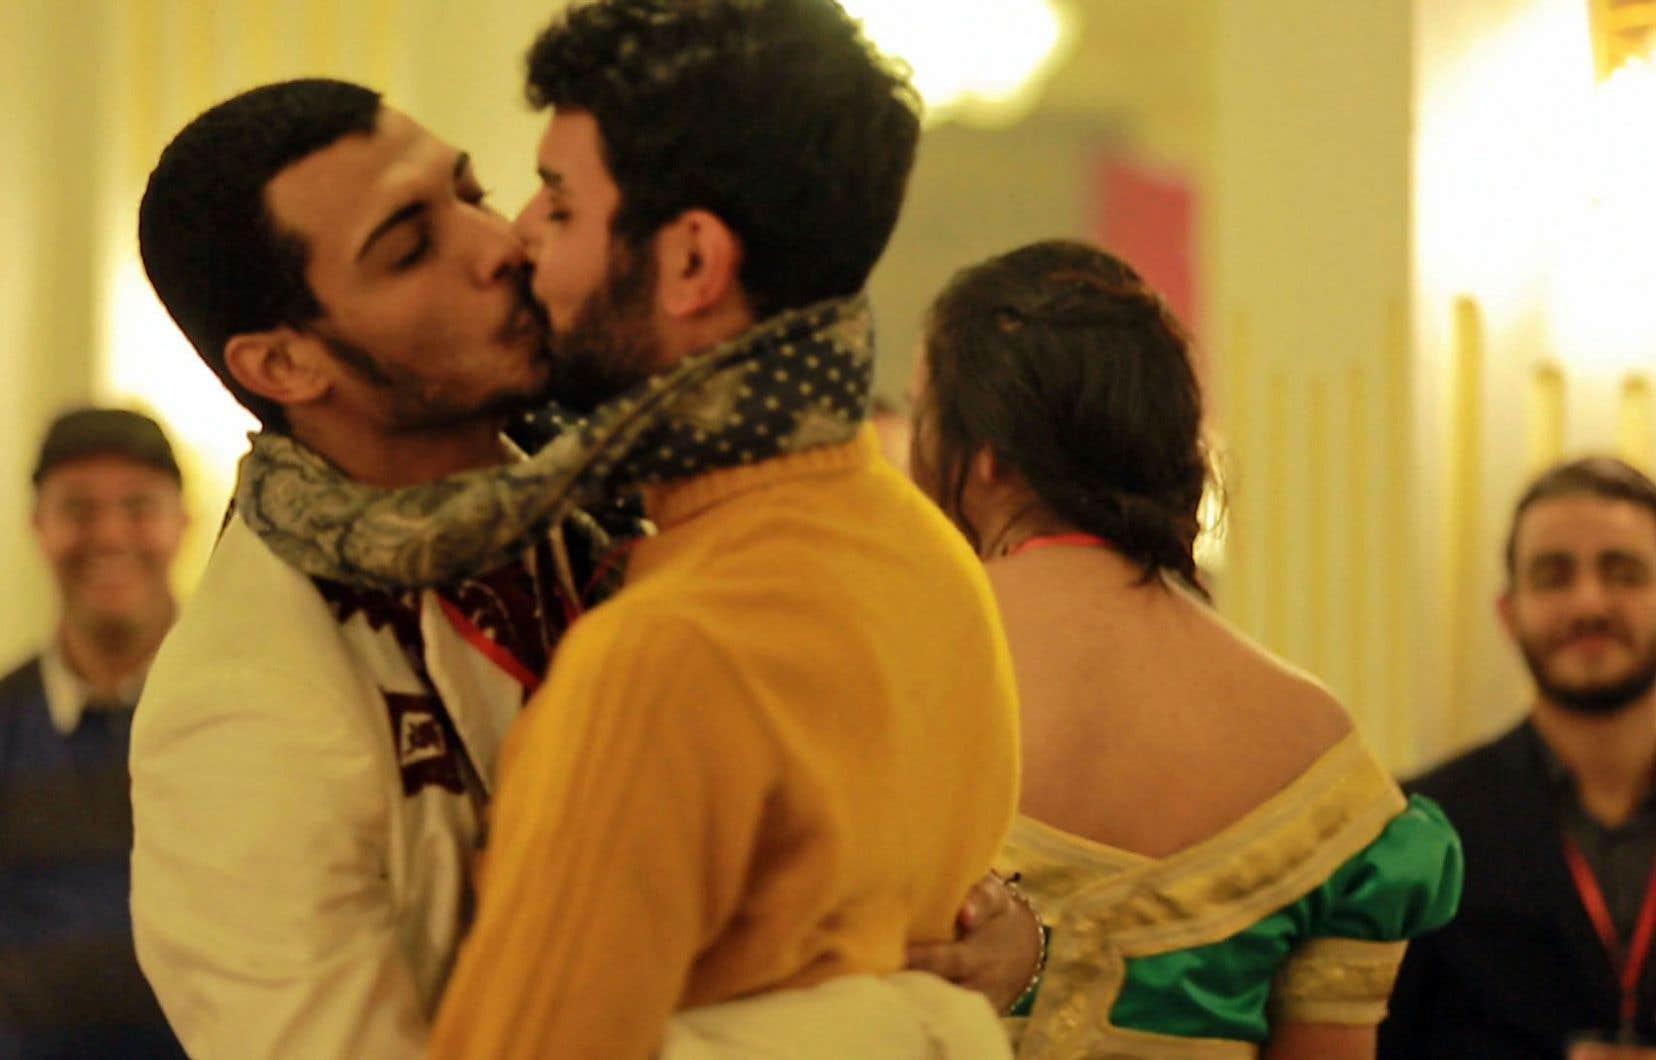 Sur une note plus sombre, «Amour et sexe au Maghreb» aborde la réalité humaine par la lorgnette des nombreux interdits qui frappent encore ces pays.